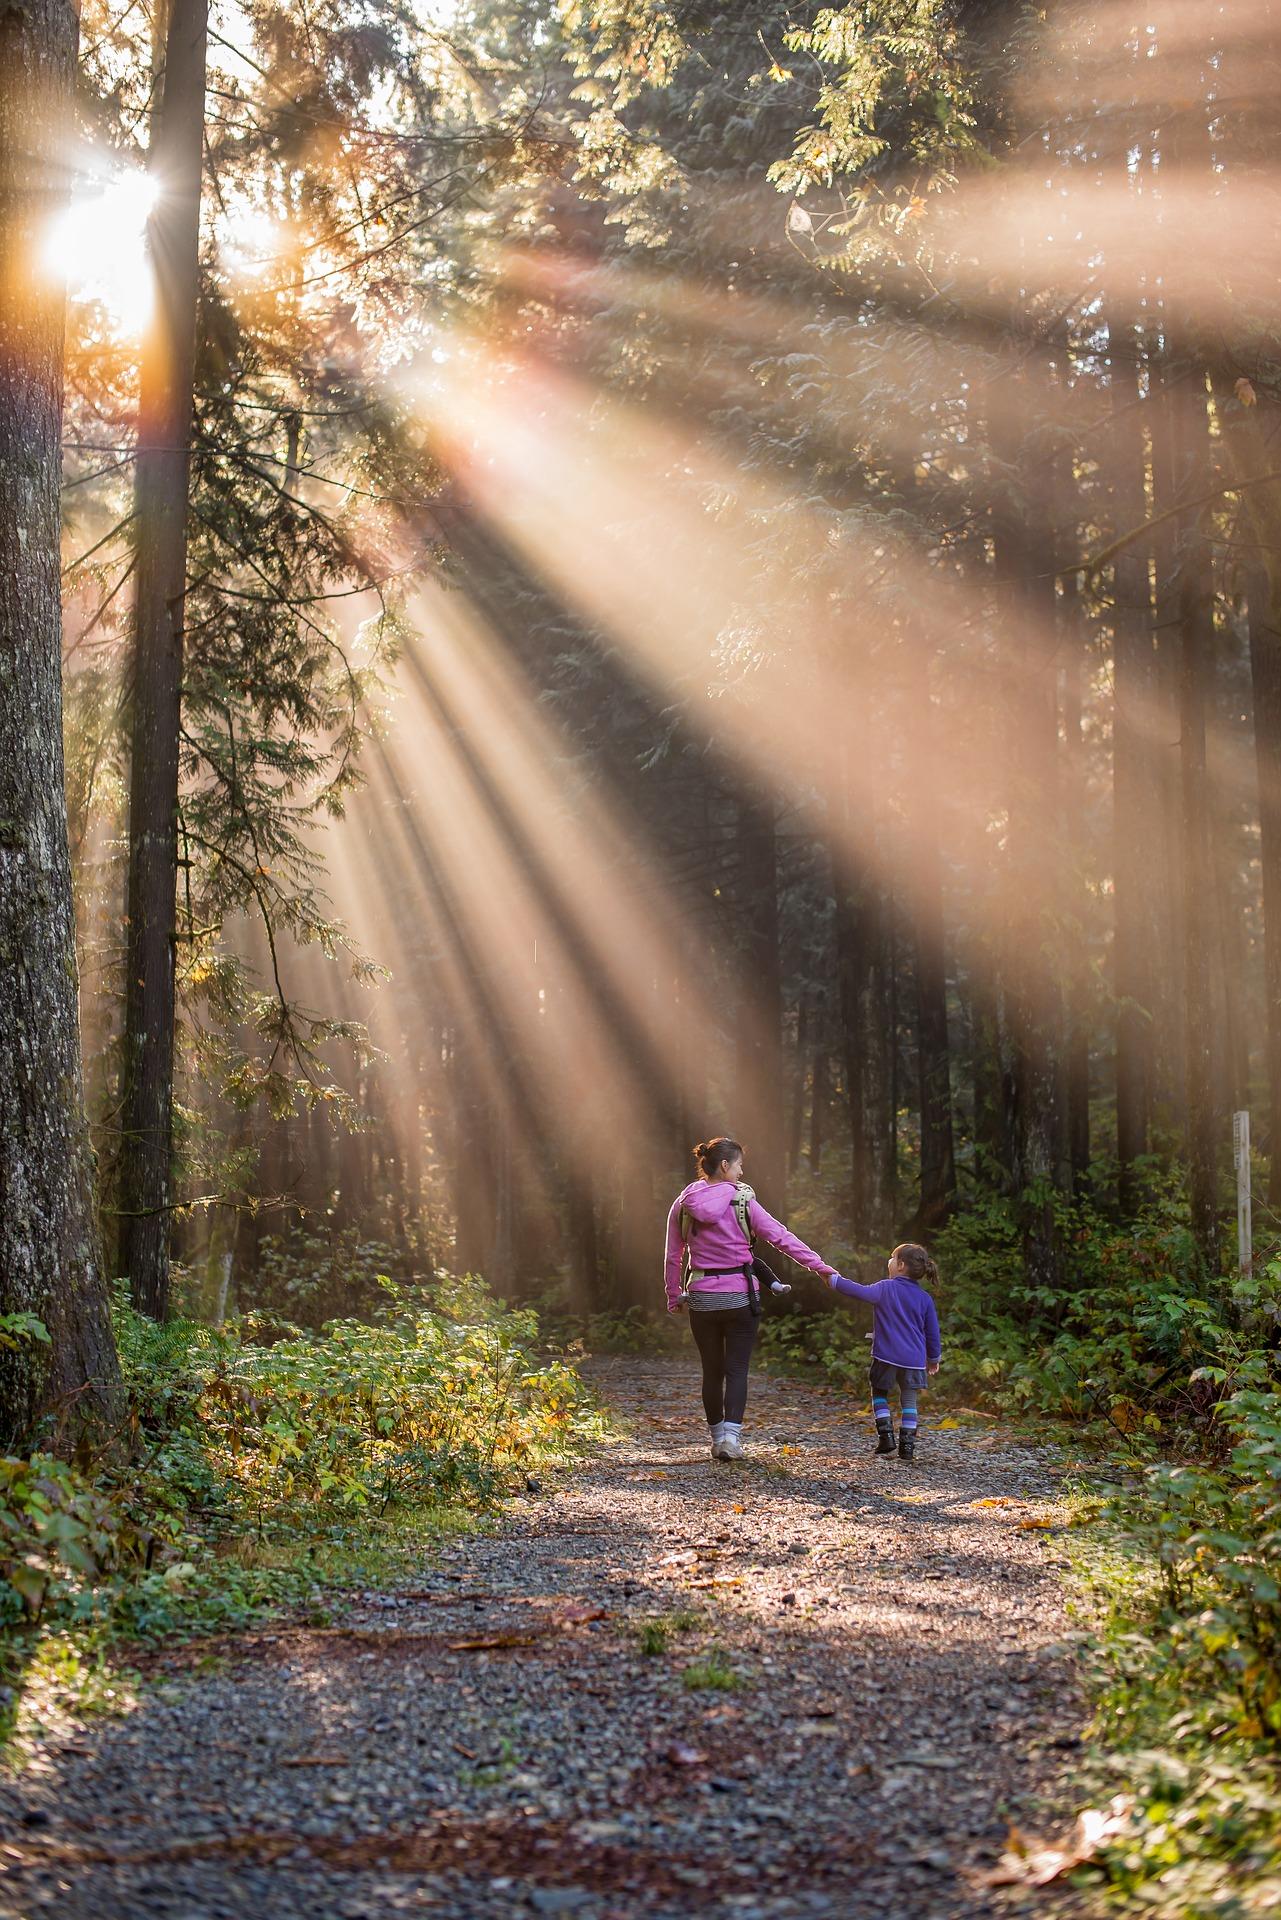 Wandertage in der Haflinger Alm! Fragt gerne unsere Herbstspecials für unter der Woche an!